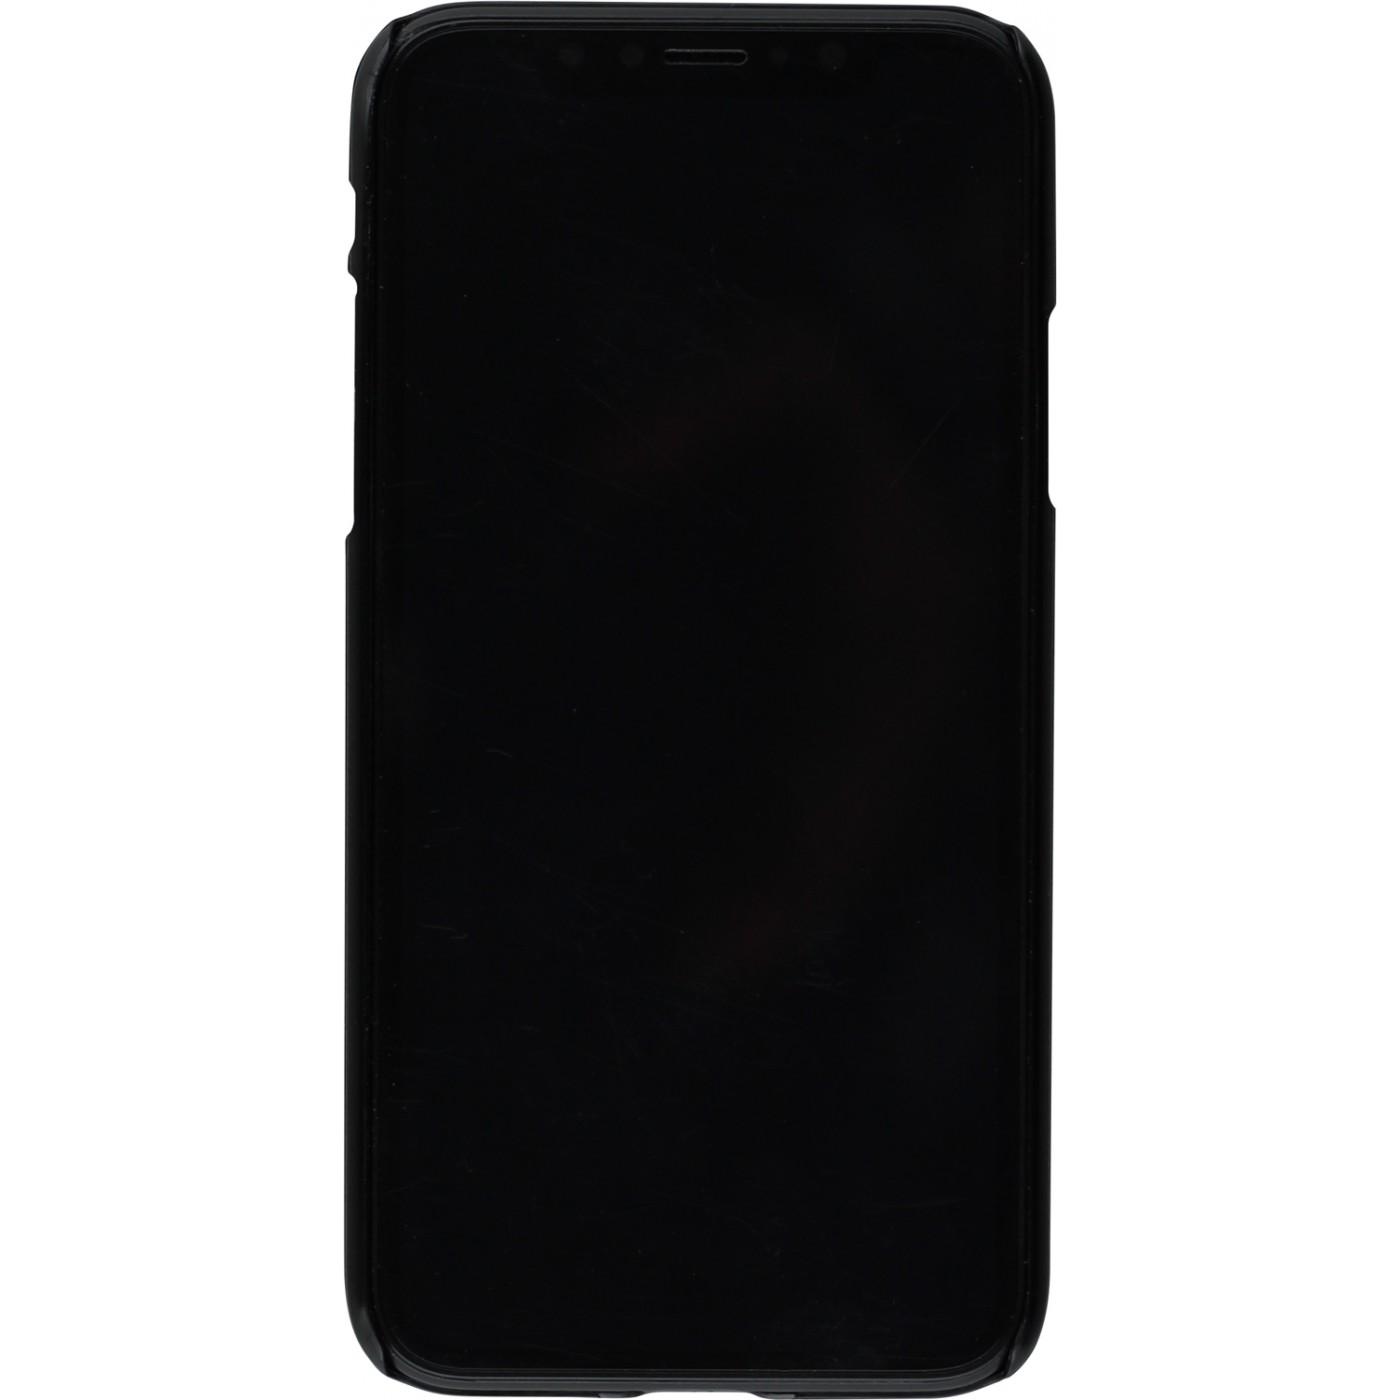 Coque iPhone X / Xs - Petite sympa mignonne mais casse couille